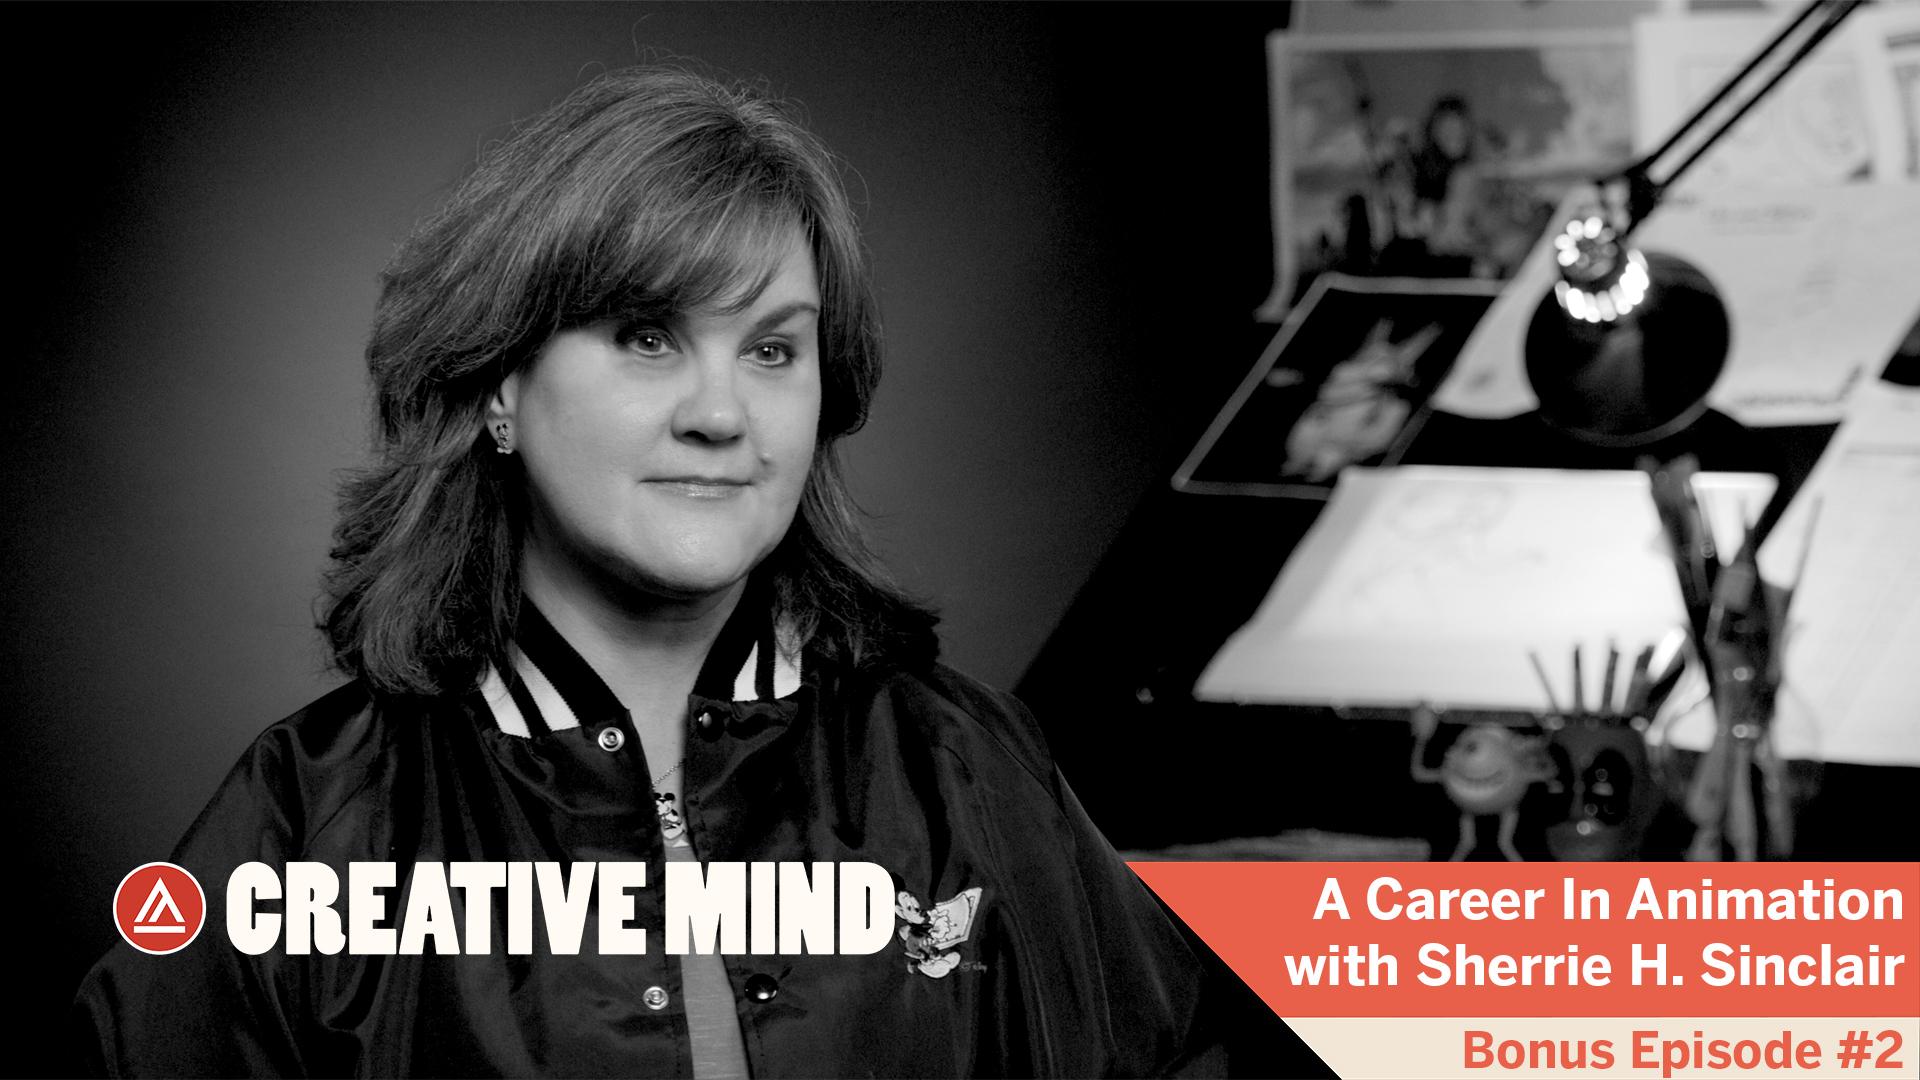 Creative Mind Bonus 2 - ANM Career